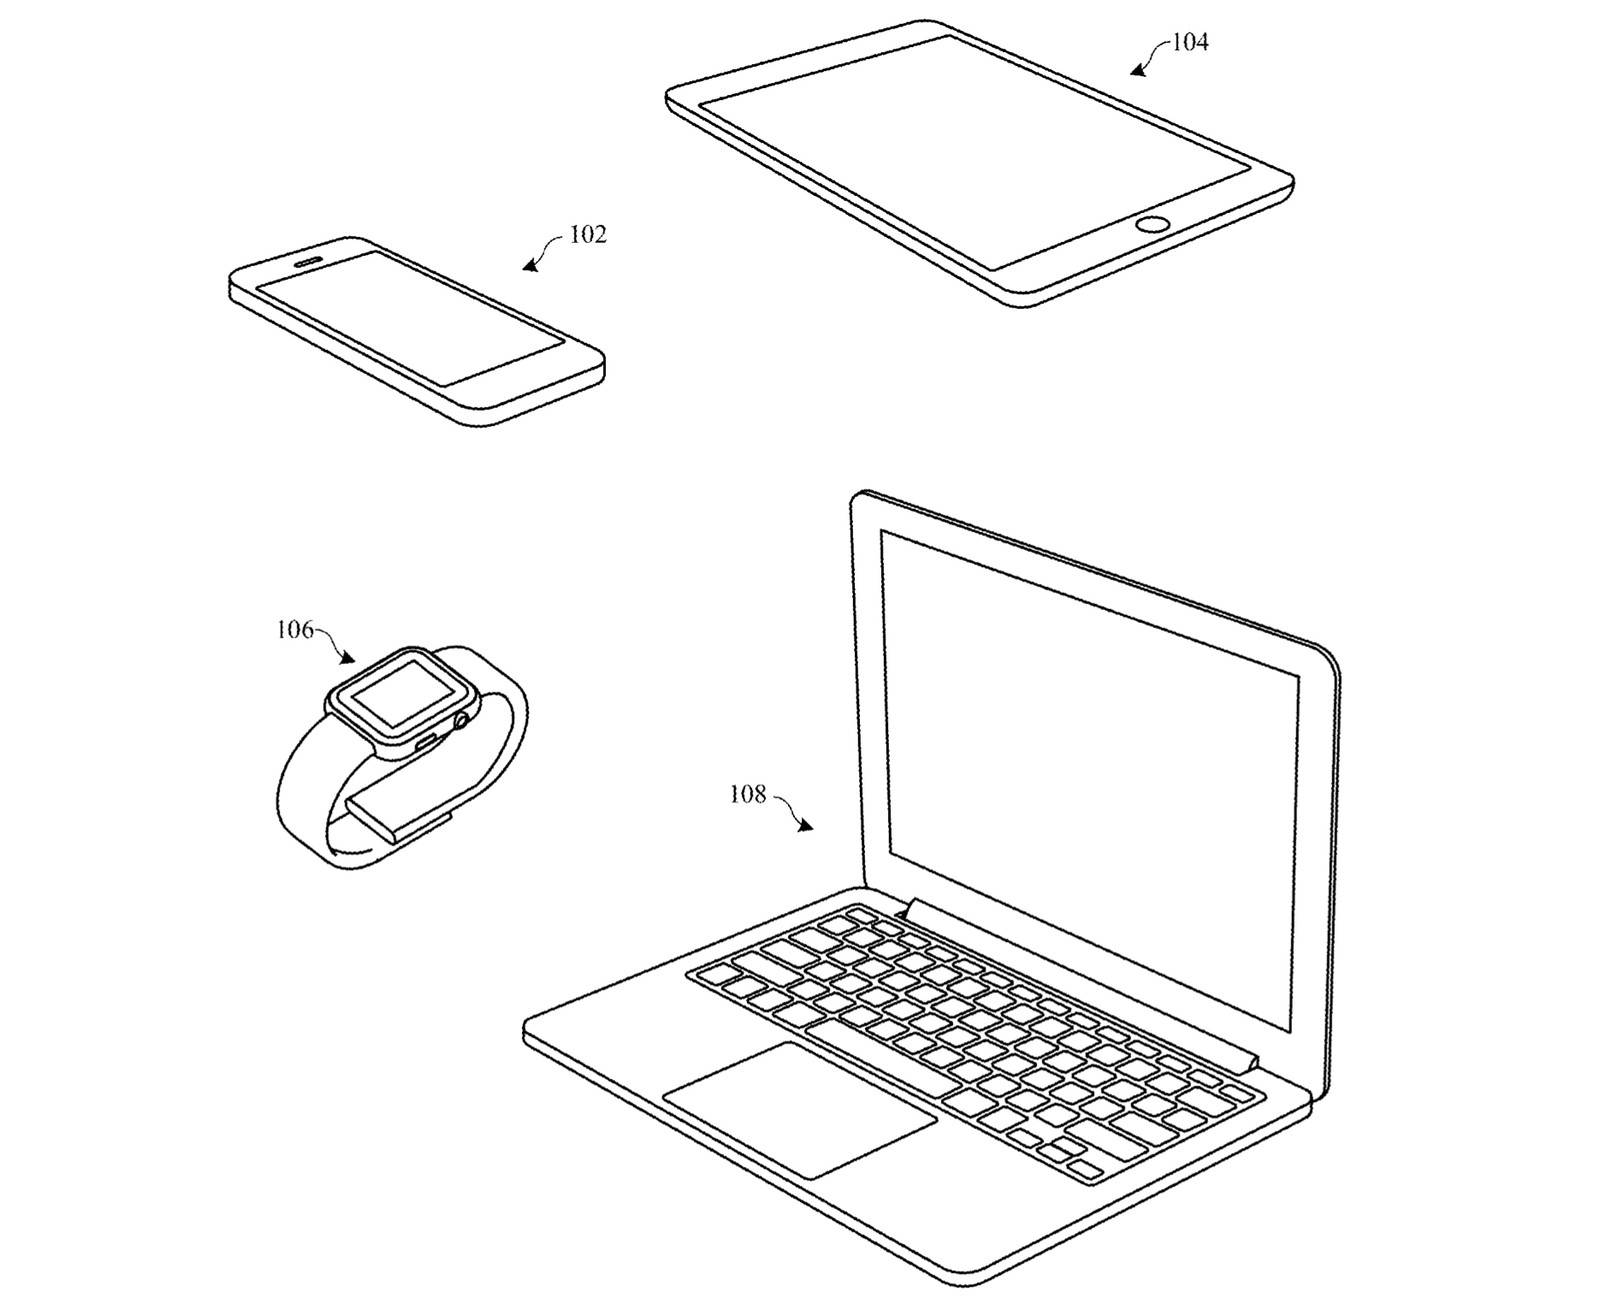 苹果或在未来产品中使用经过特殊处理的钛金属外壳